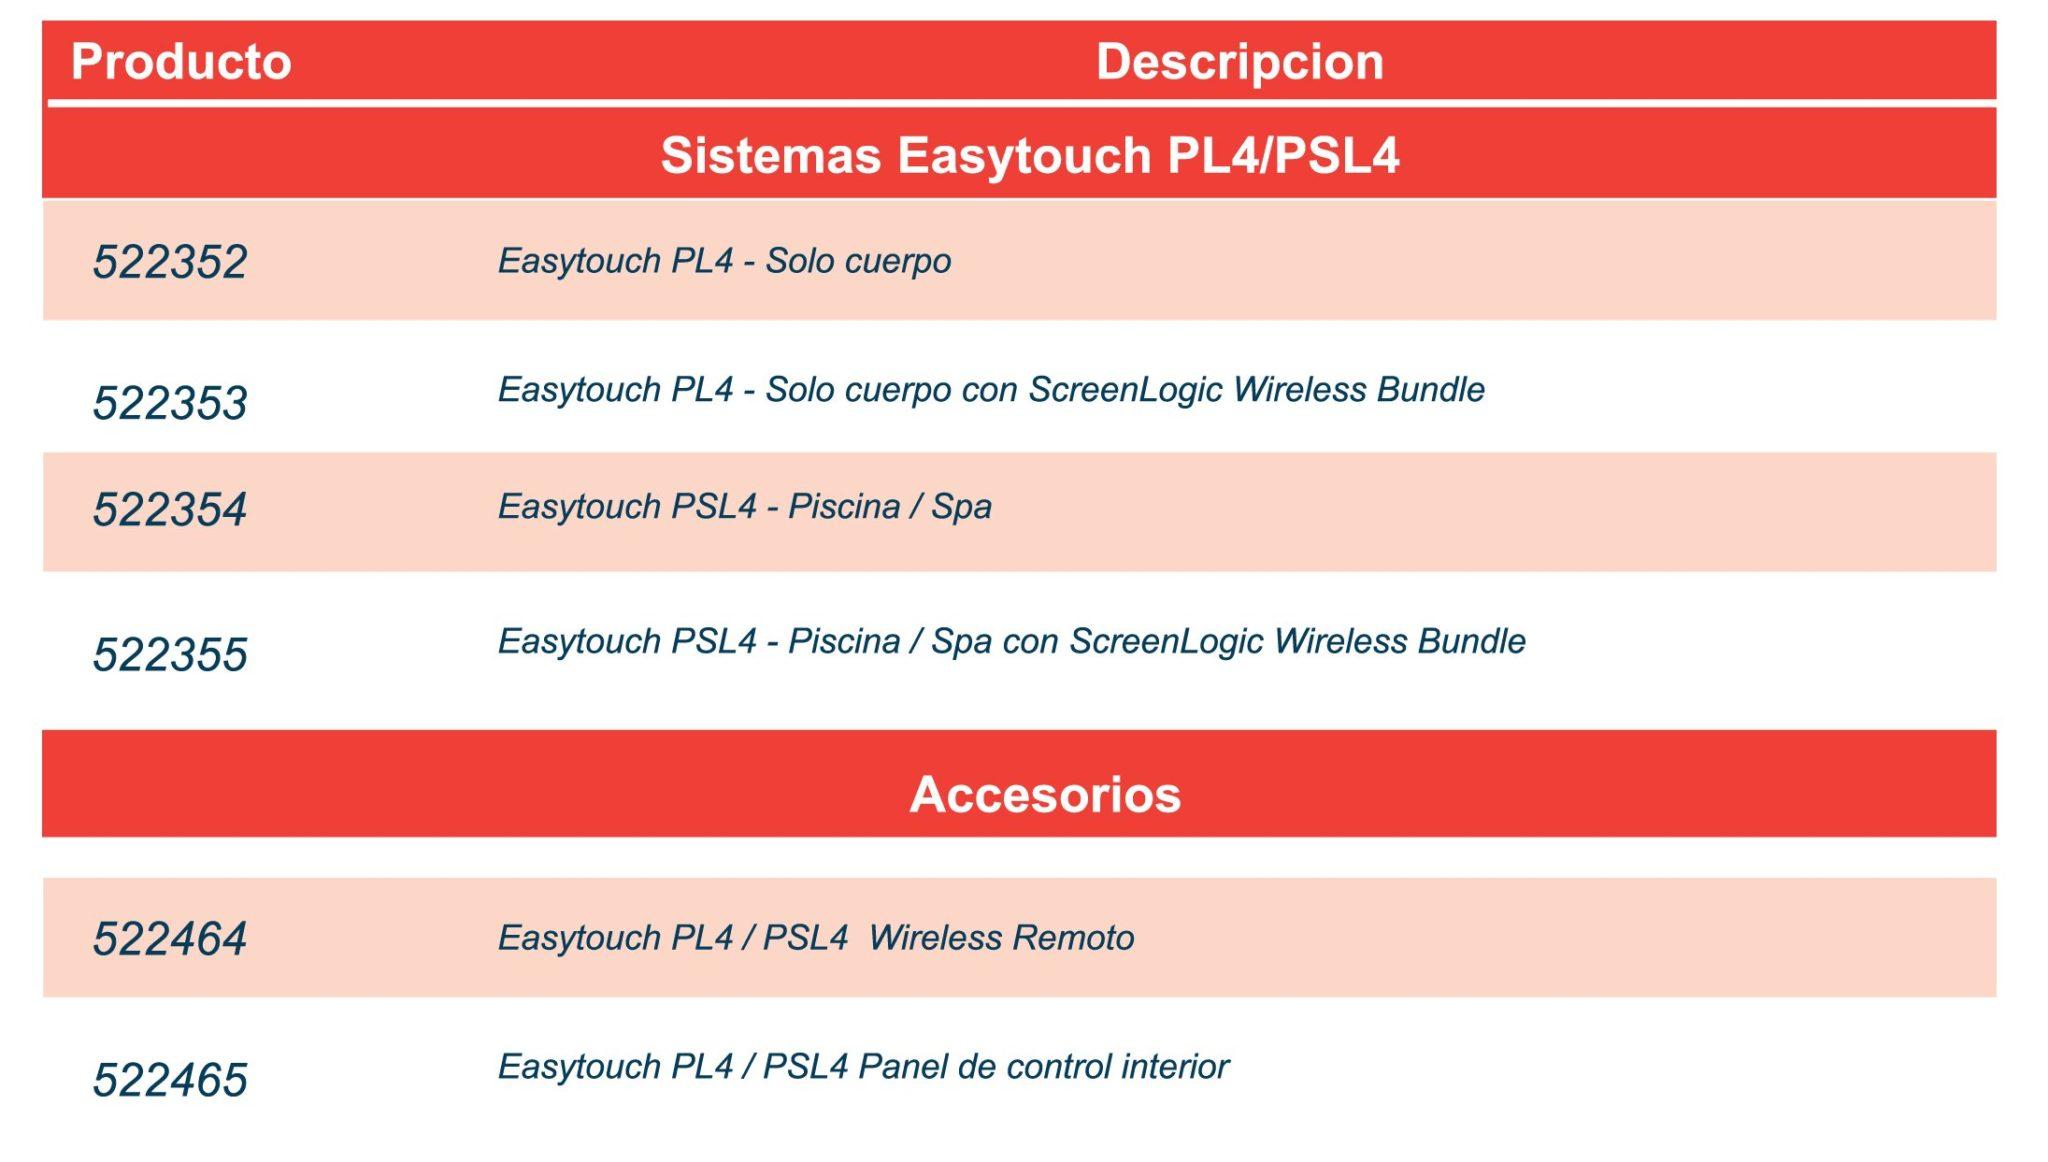 Modelos Sistemas de control de piscina y spa EASYTOUCH® PL4 y PSL4